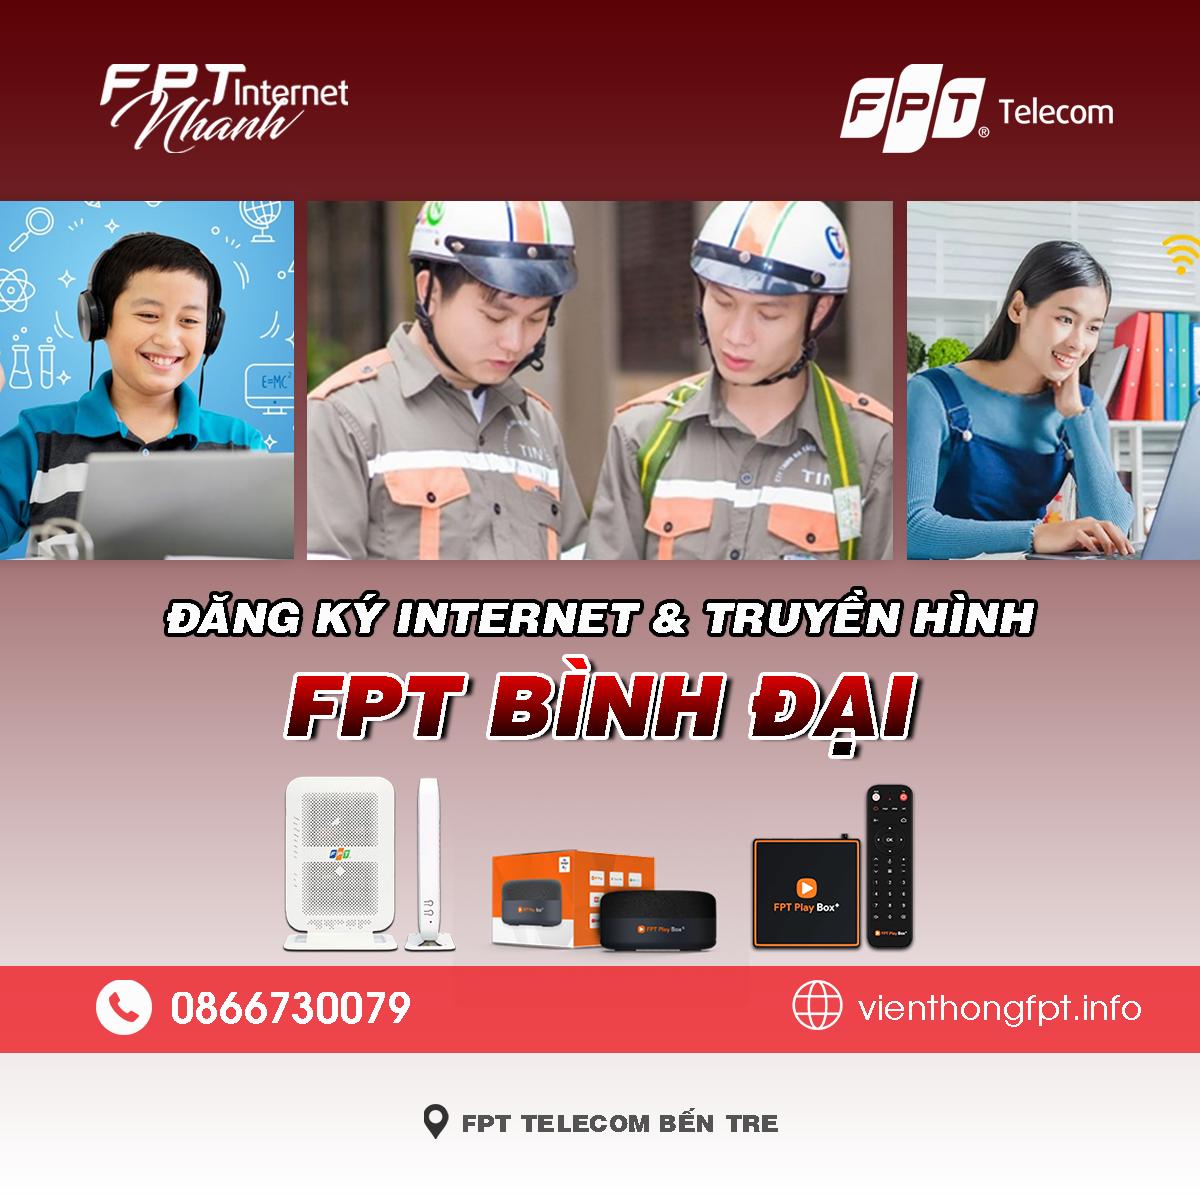 Bảng giá lắp mạng Internet và Truyền hình FPT Bình Đại